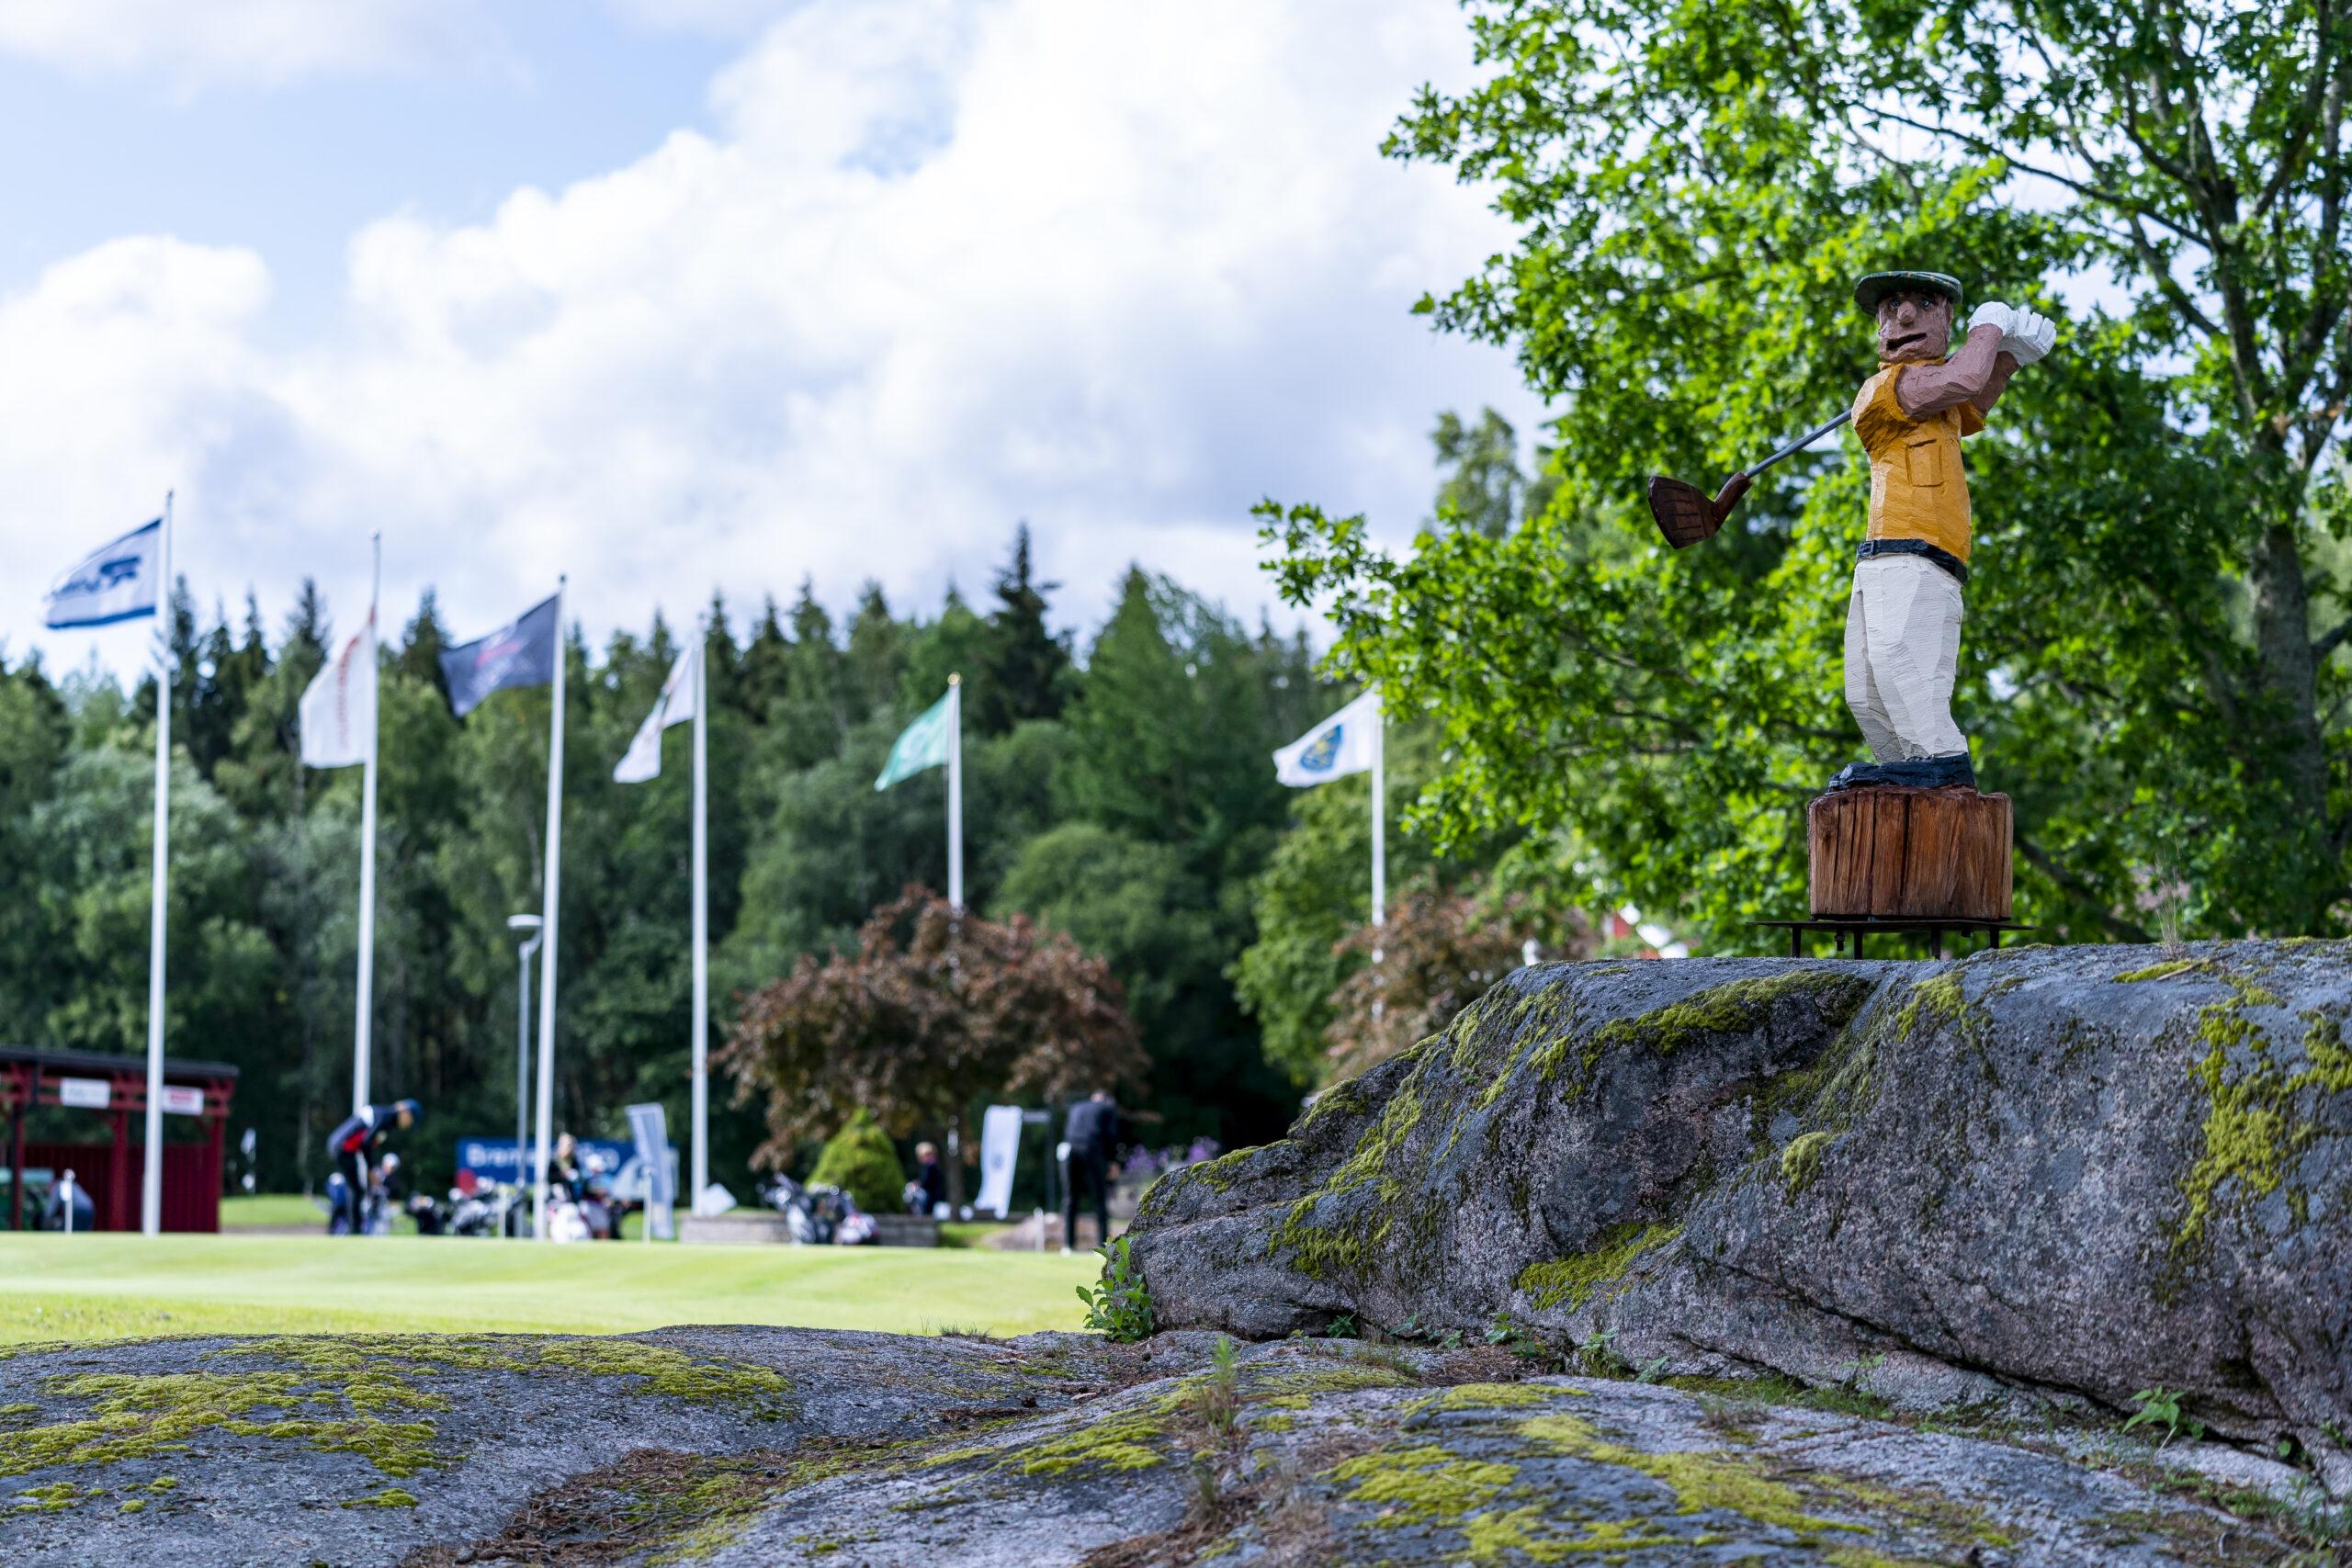 MJöLBY, SVERIGE - 16 JULI 2019 :  Bild tagen under tävlingen Greenfeeslaget på Mjölby GK den 16 juli i Mjölby ( Foto: Daniel Milton / Frilansfotograferna )   Nyckelord Keywords: Golf, Greenfeeslaget, Mjölby GK, greenfeeslaget, mjölby, mjölby gk, golf, ***Betalbild***